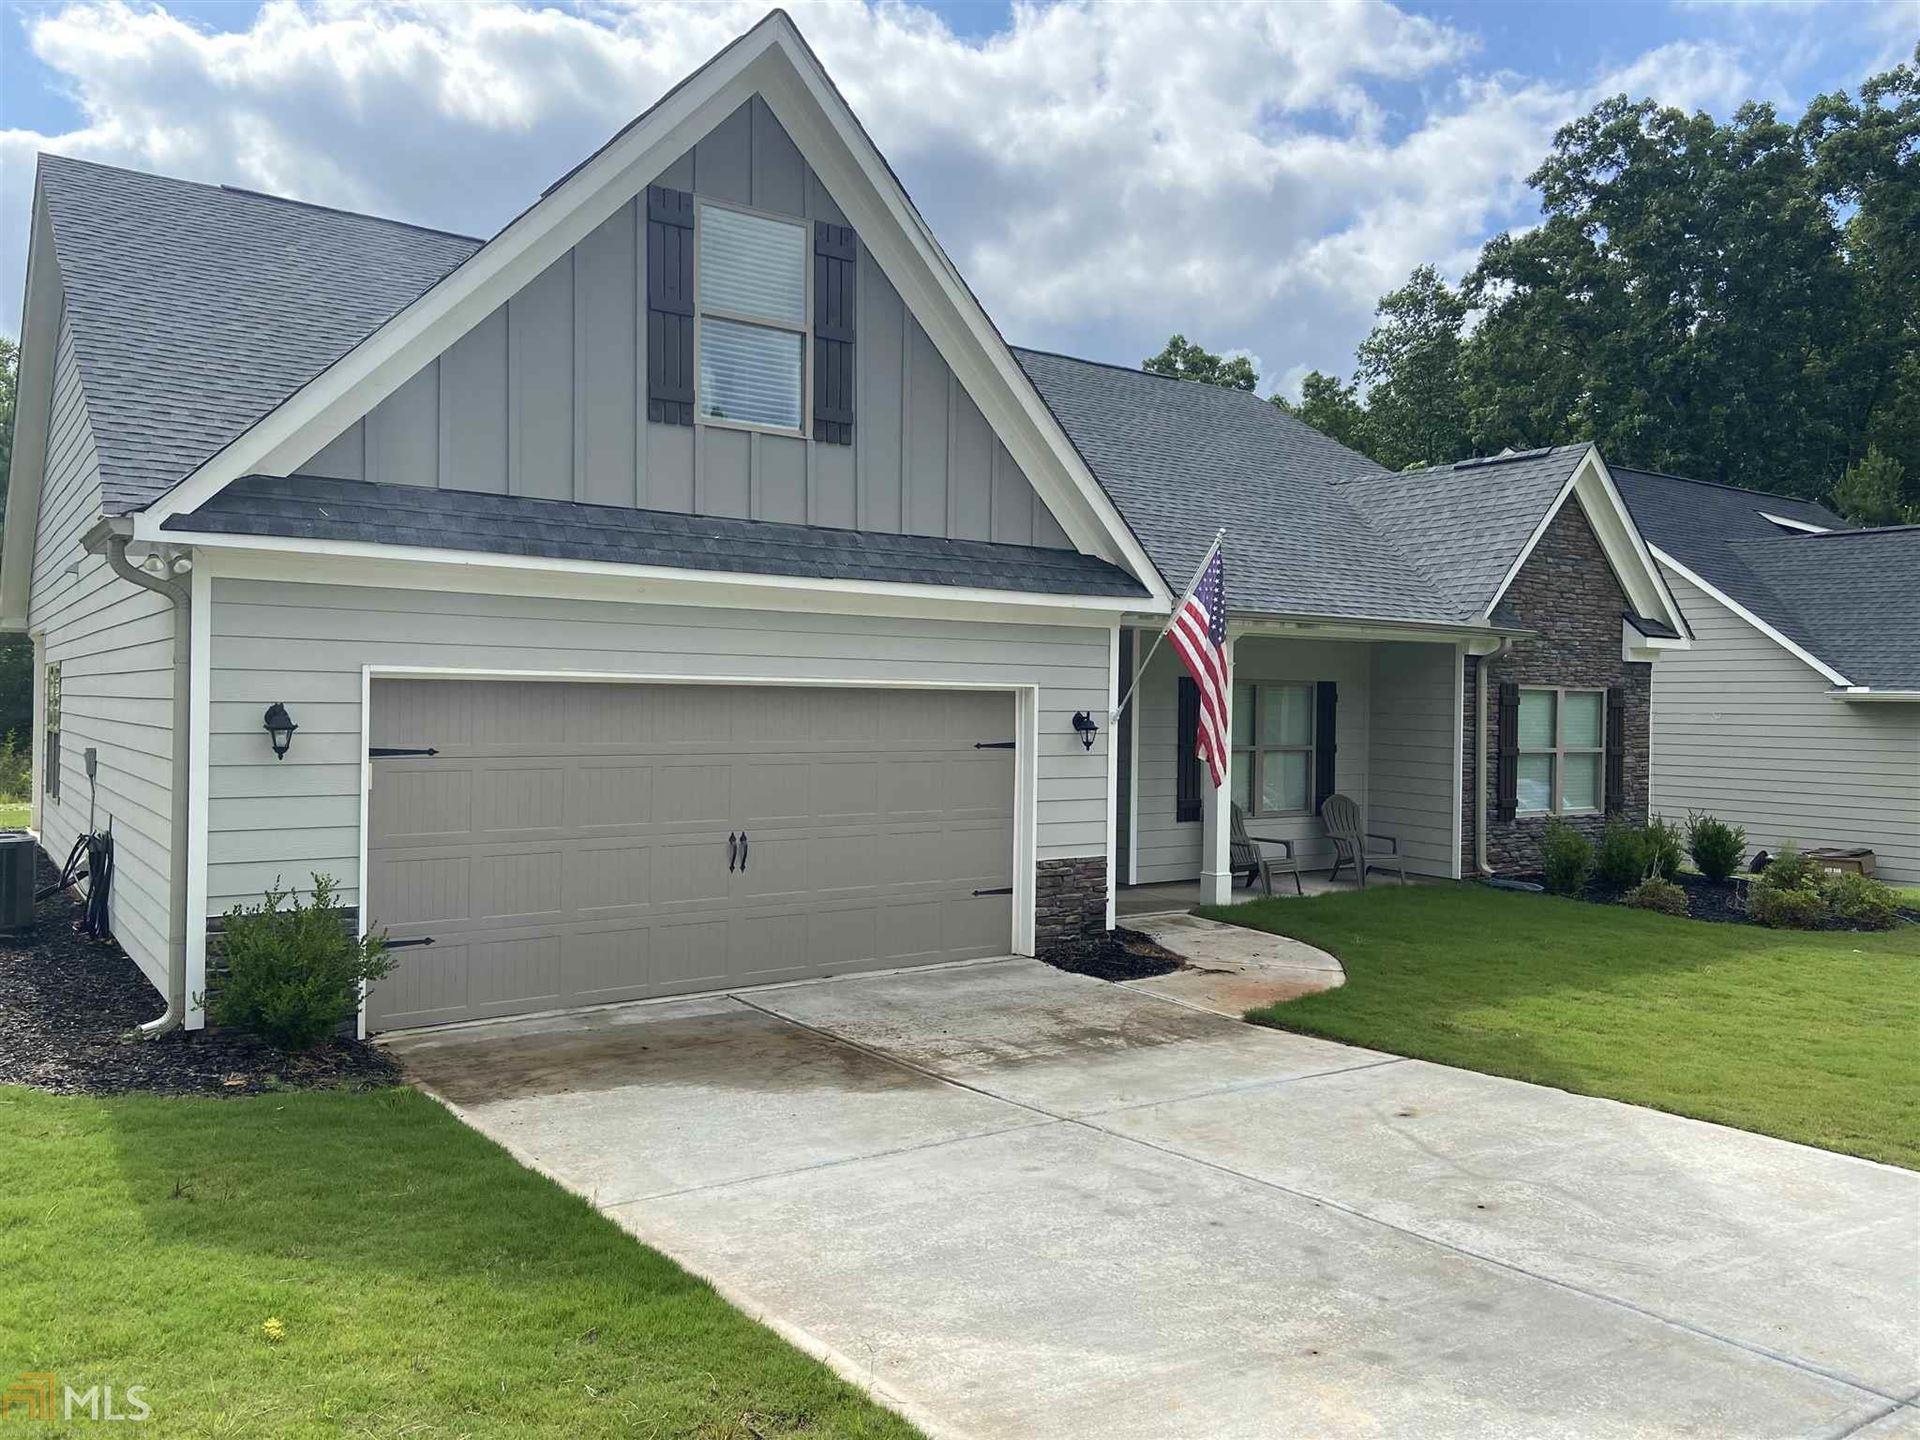 4381 Highland Gate, Gainesville, GA 30506 - MLS#: 8815356